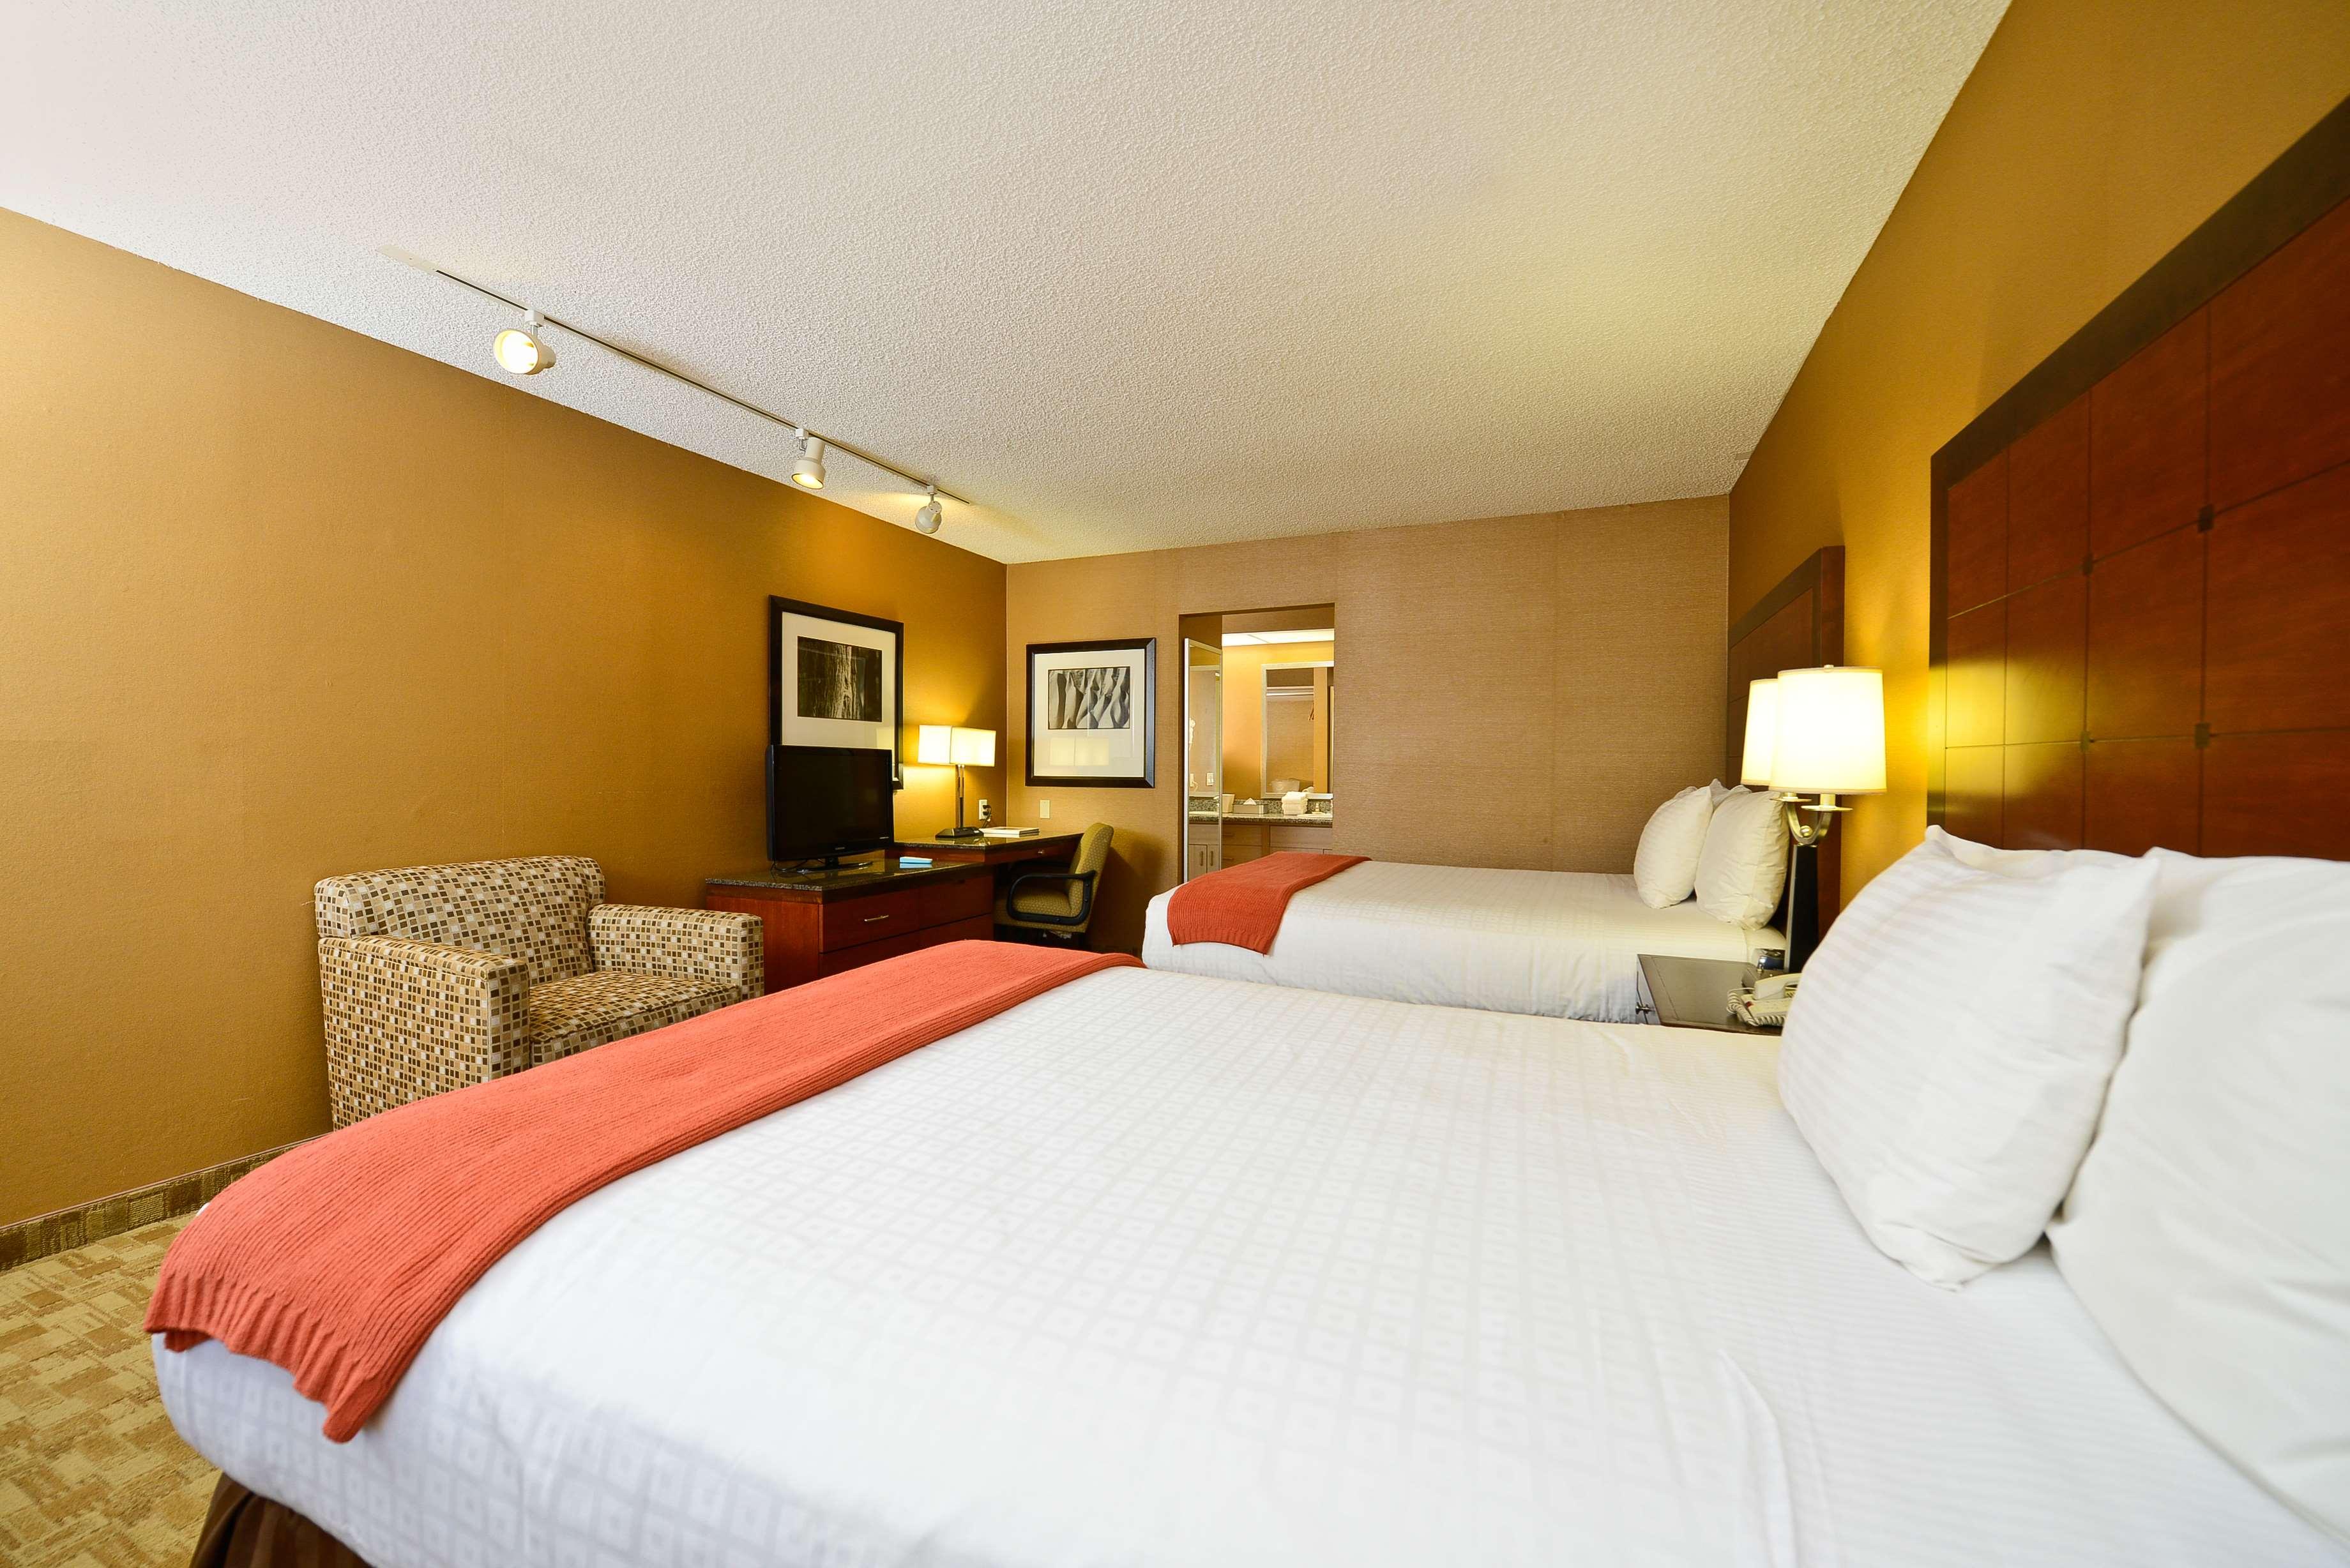 Best Western Inn at Palm Springs image 24